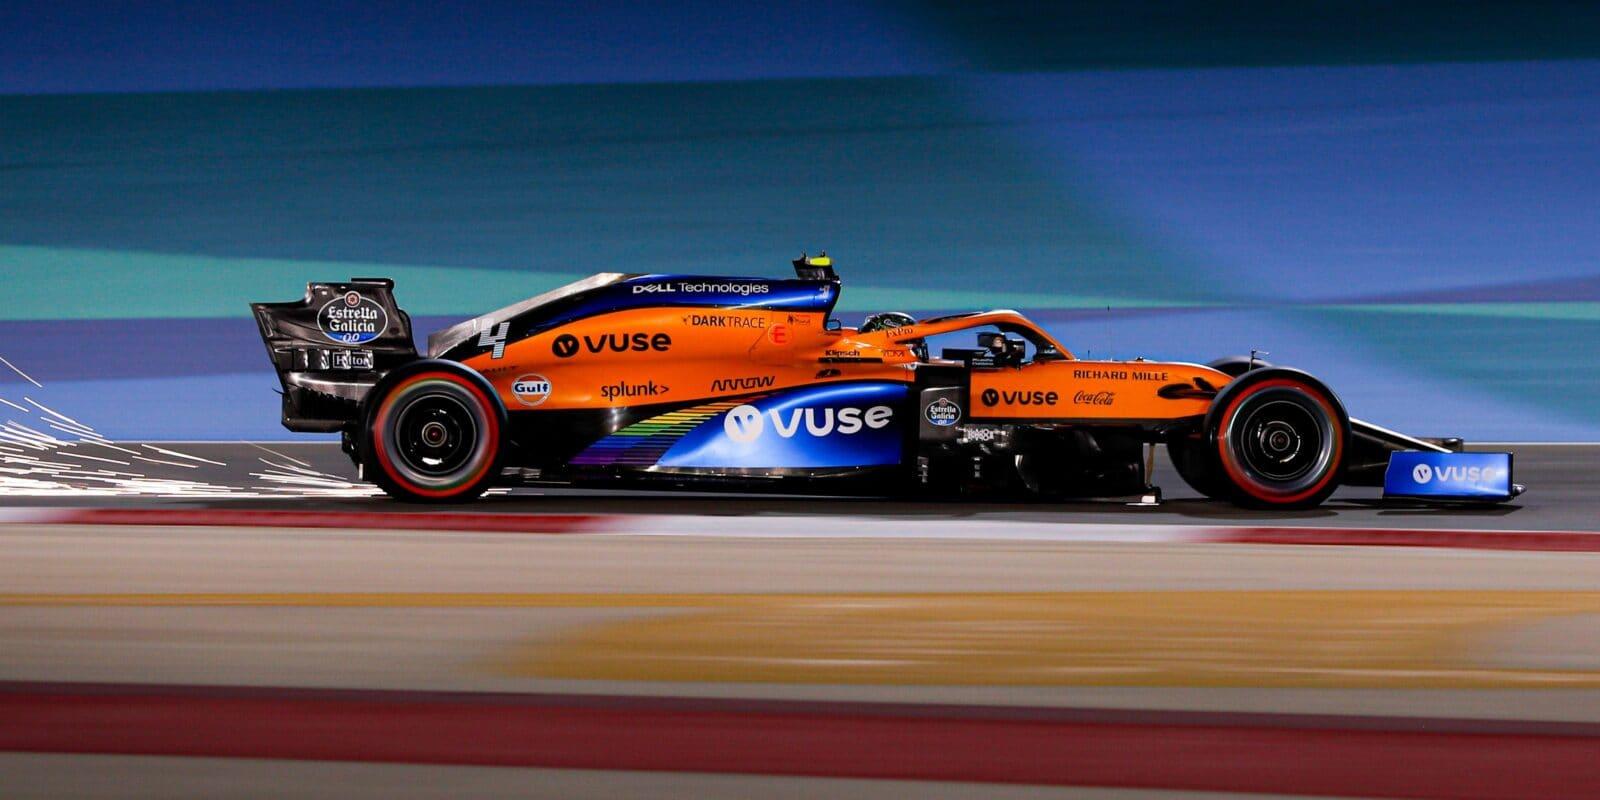 McLaren pracuje na vylepšení dvou klíčových oblastí